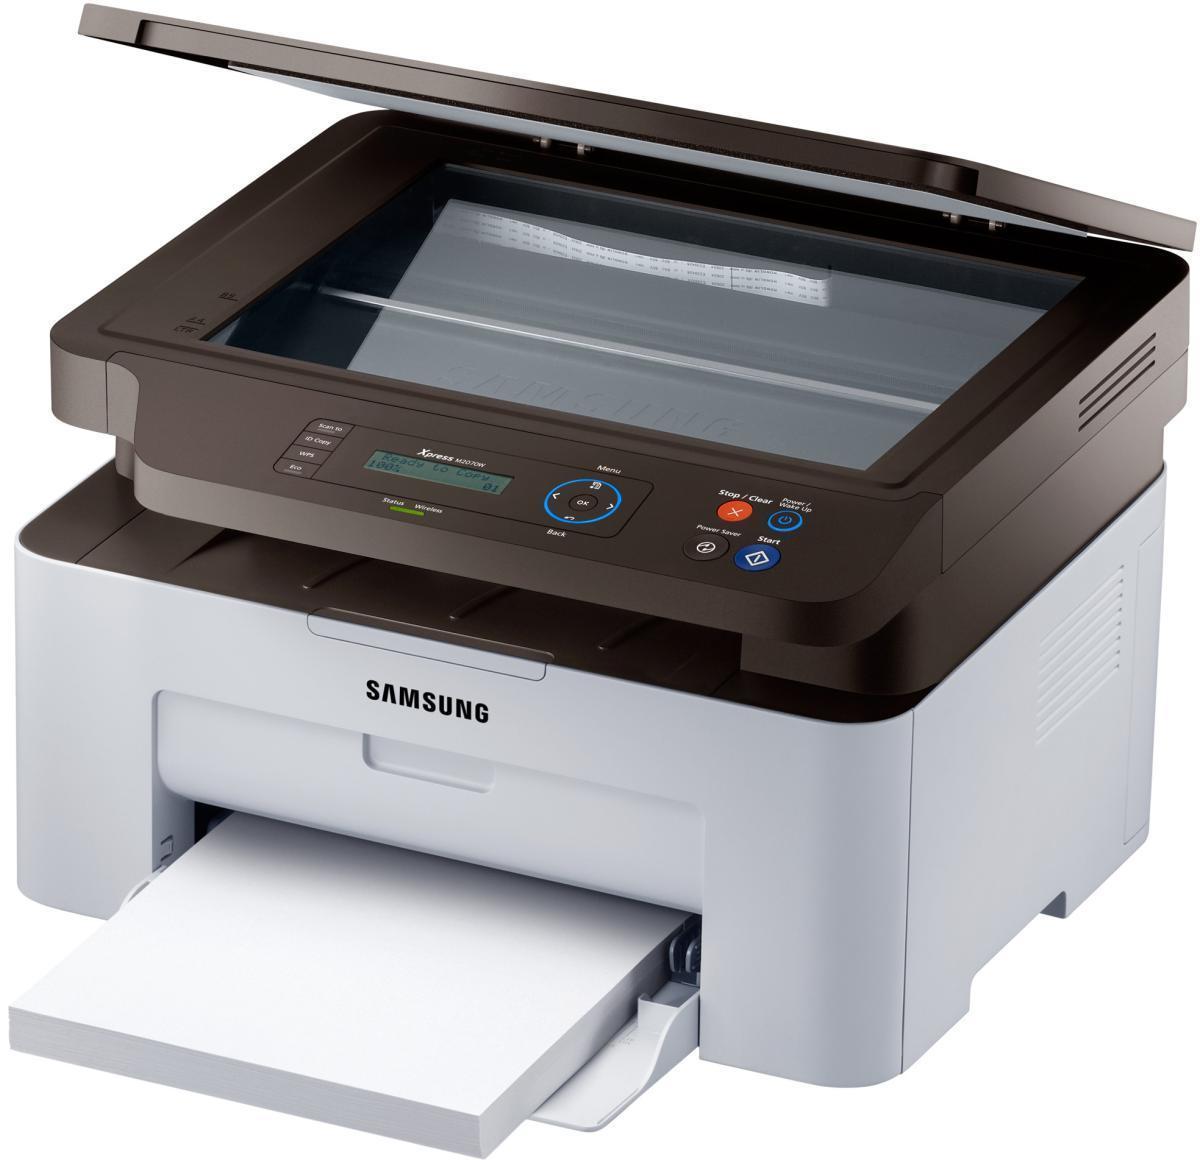 Samsung SL-M2070W МФУSL-M2070W/FEV Многофункциональное устройство Samsung M2070W является устройством типа 3-в-1, которое обеспечит максимально высокую эффективность работы любого офиса. Благодаря функциям печати, копирования и сканирования МФУ M2070W предлагает больше гибкости с меньшими усилиями. Целый ряд инновационных функций, таких как двухстороннее копирование удостоверений, копирование нескольких страниц на один лист, сканирование изображений для последующей отправки электронной почтой обеспечат вас всем необходимым для успешной работы в современном деловом миреСтруйный или лазерный принтер: какой лучше? Статья OZON Гид